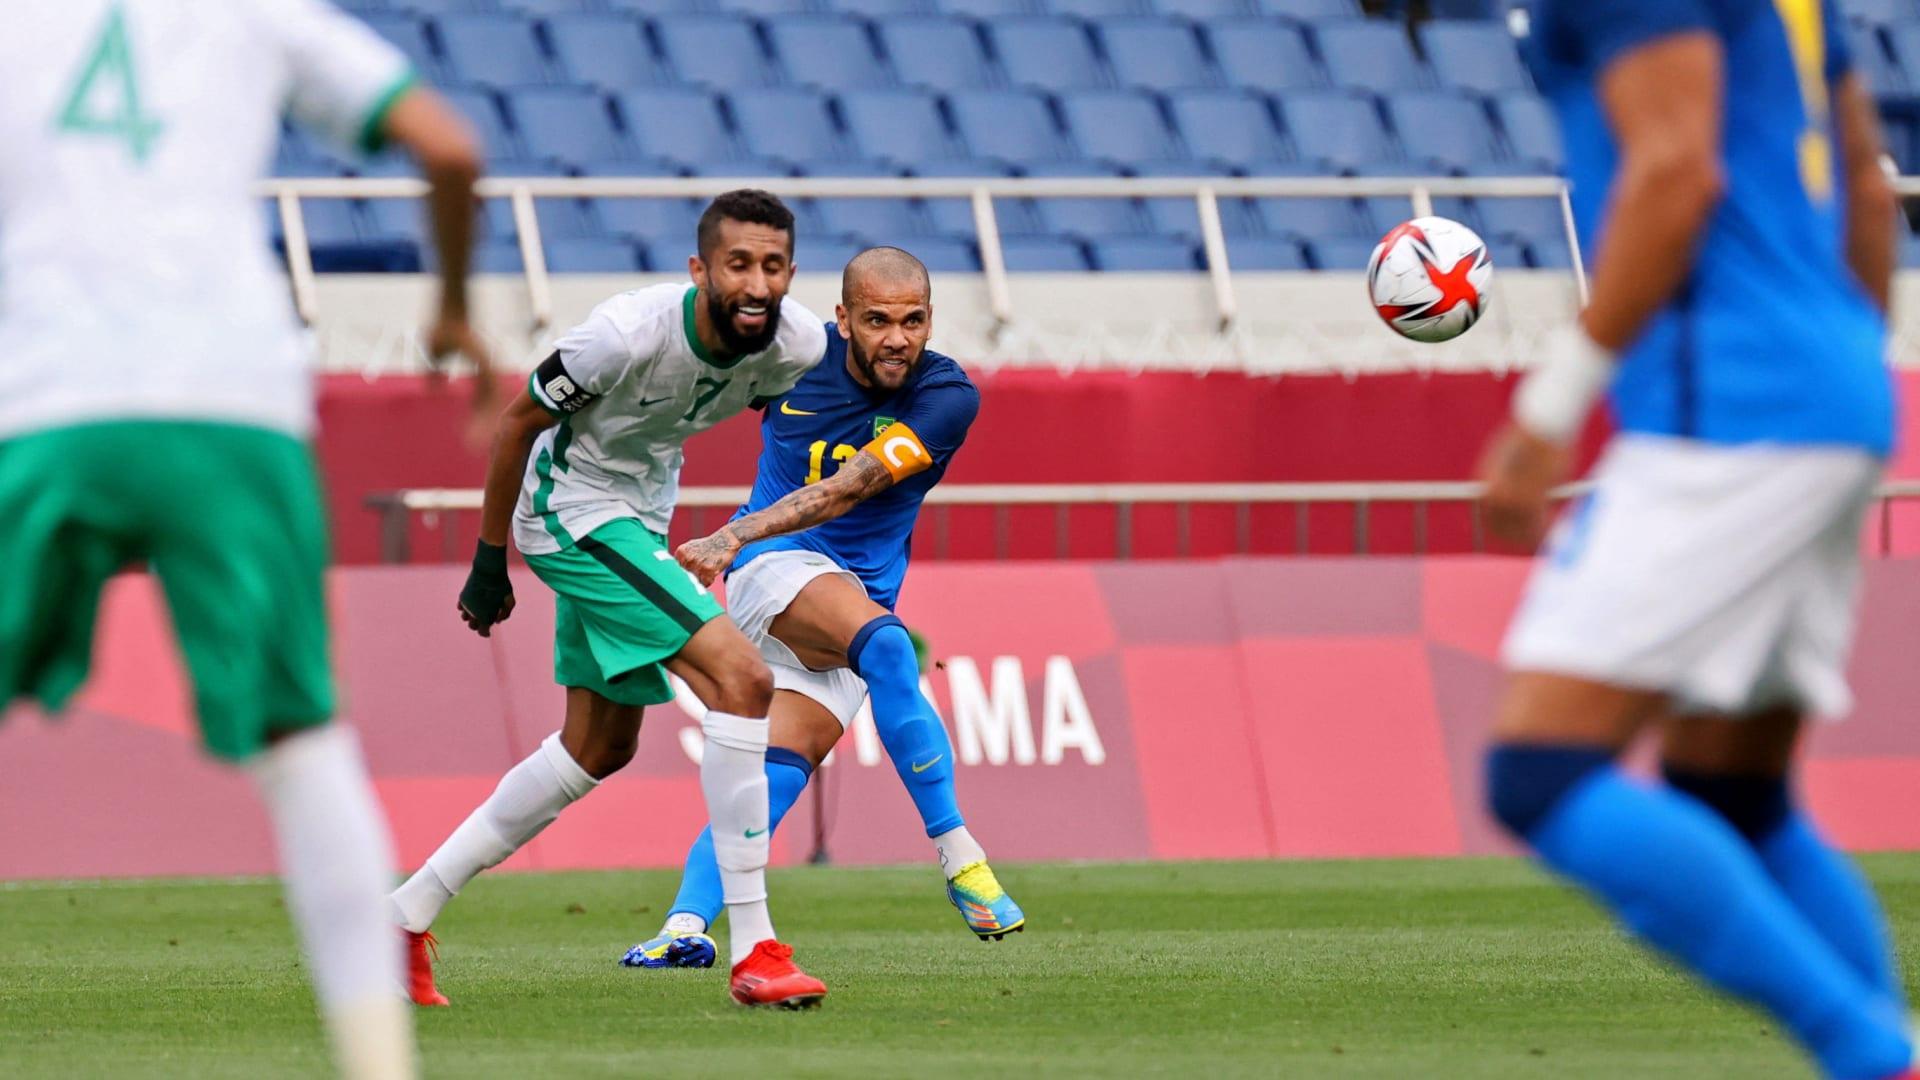 أمام داني ألفيس.. السعوديان سلمان الفرج وعبدالرحمن غريب يستعرضان مهاراتهمها